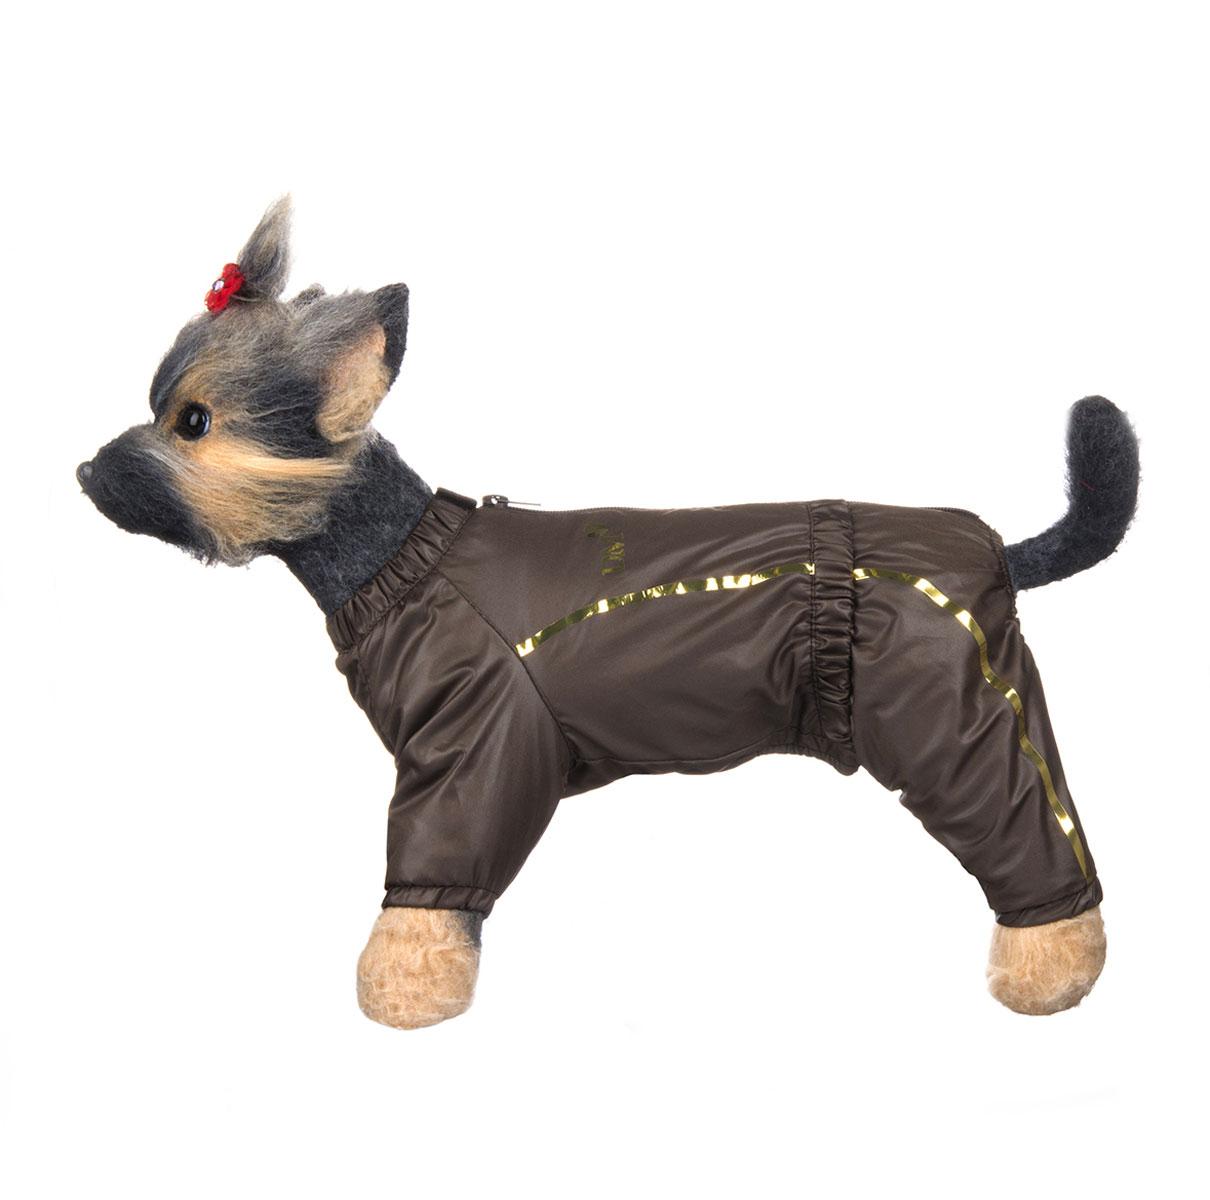 Комбинезон для собак Dogmoda Альпы, для мальчика, цвет: коричневый. Размер 3 (L)DM-150330-3Комбинезон для собак Dogmoda Альпы отлично подойдет для прогулок поздней осенью или ранней весной.Комбинезон изготовлен из полиэстера, защищающего от ветра и осадков, с подкладкой из флиса, которая сохранит тепло и обеспечит отличный воздухообмен. Комбинезон застегивается на молнию и липучку, благодаря чему его легко надевать и снимать. Ворот, низ рукавов и брючин оснащены внутренними резинками, которые мягко обхватывают шею и лапки, не позволяя просачиваться холодному воздуху. На пояснице имеется внутренняя резинка. Изделие декорировано золотистыми полосками и надписью DM.Благодаря такому комбинезону простуда не грозит вашему питомцу и он не даст любимцу продрогнуть на прогулке.